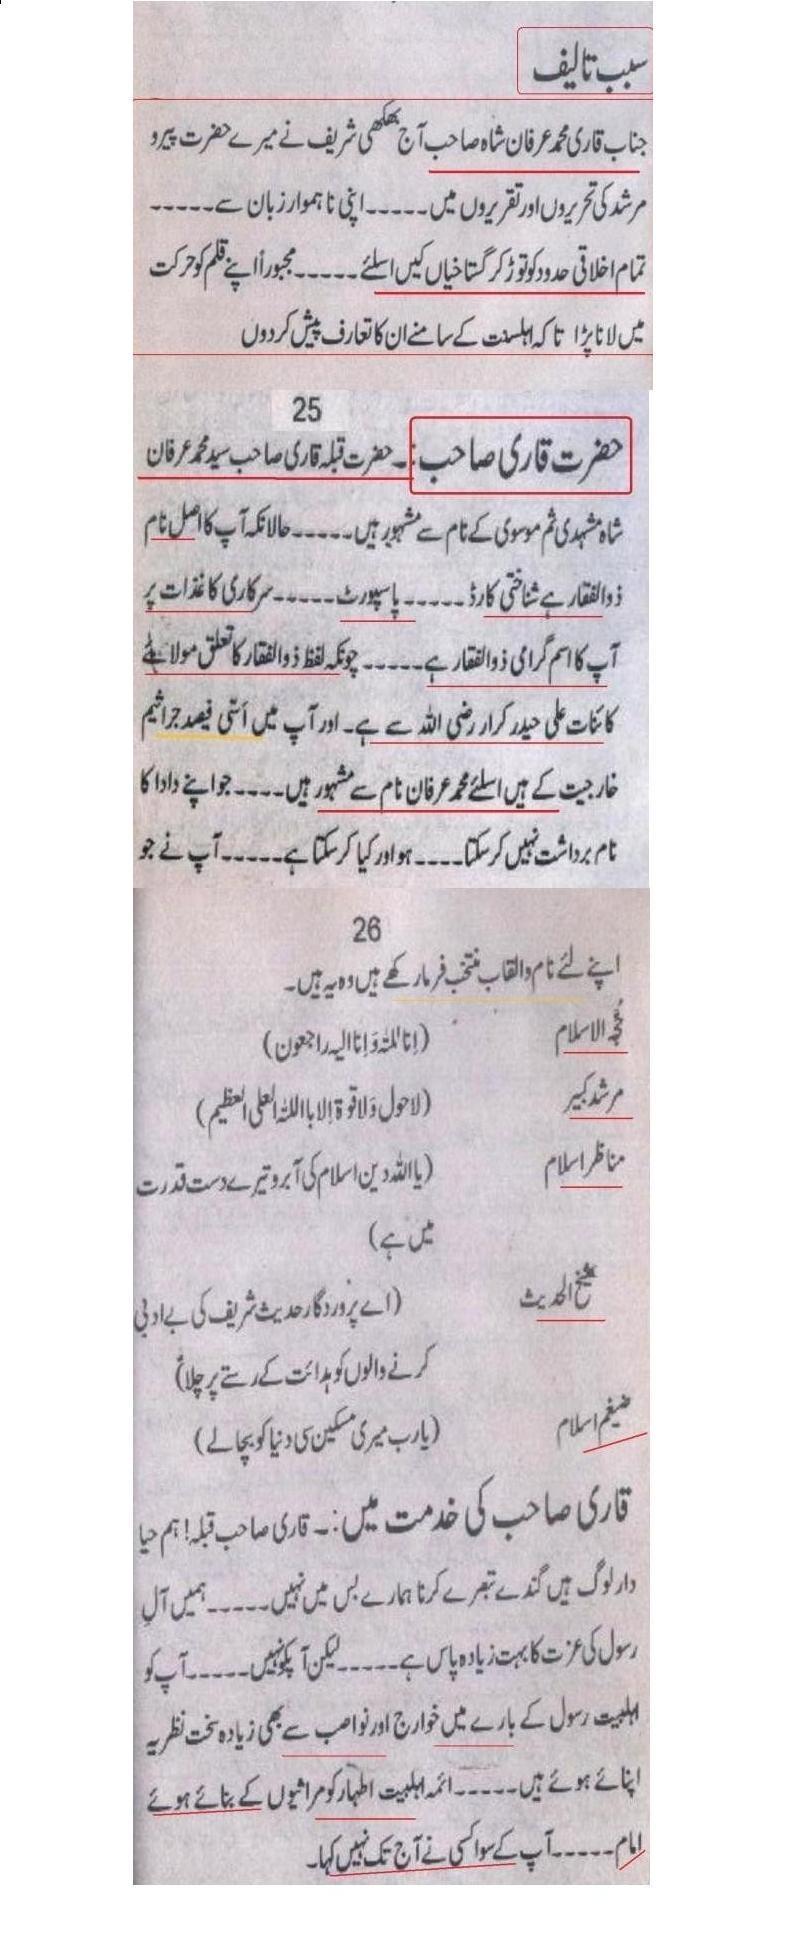 پیر عرفان شاہ صاحب کے جھوٹ Post_511